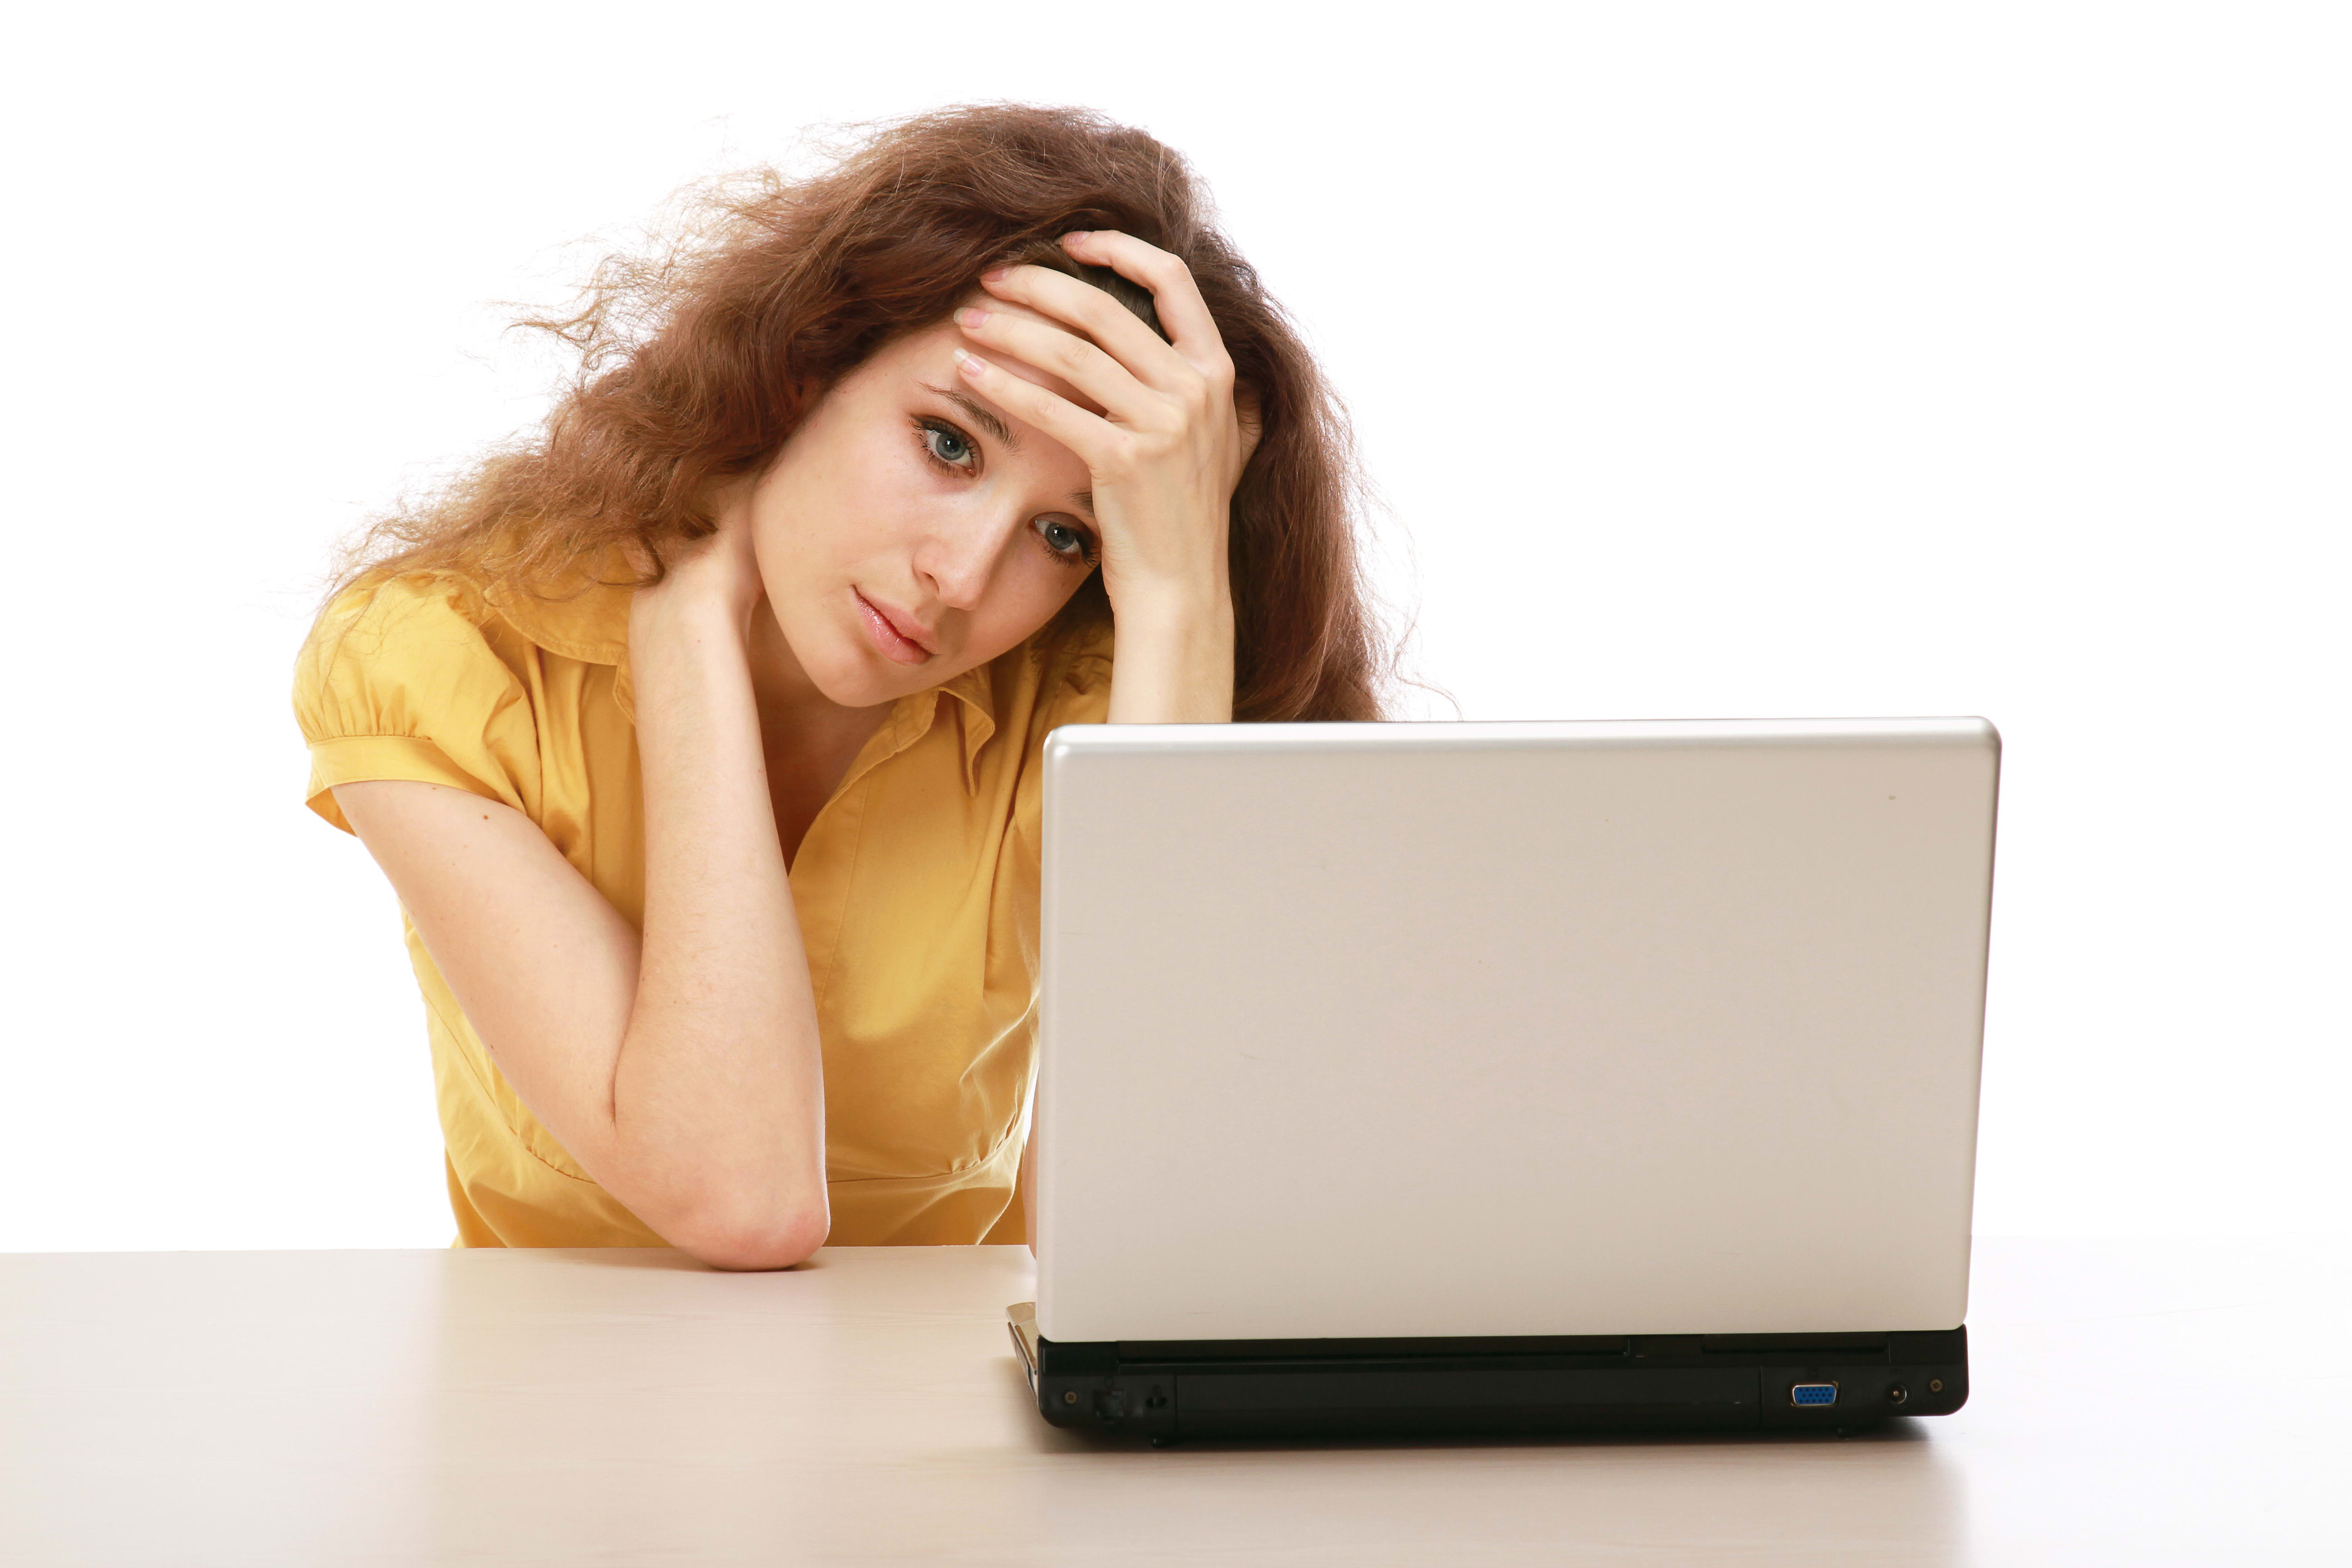 ничего, это девушки возле компьютера что брат